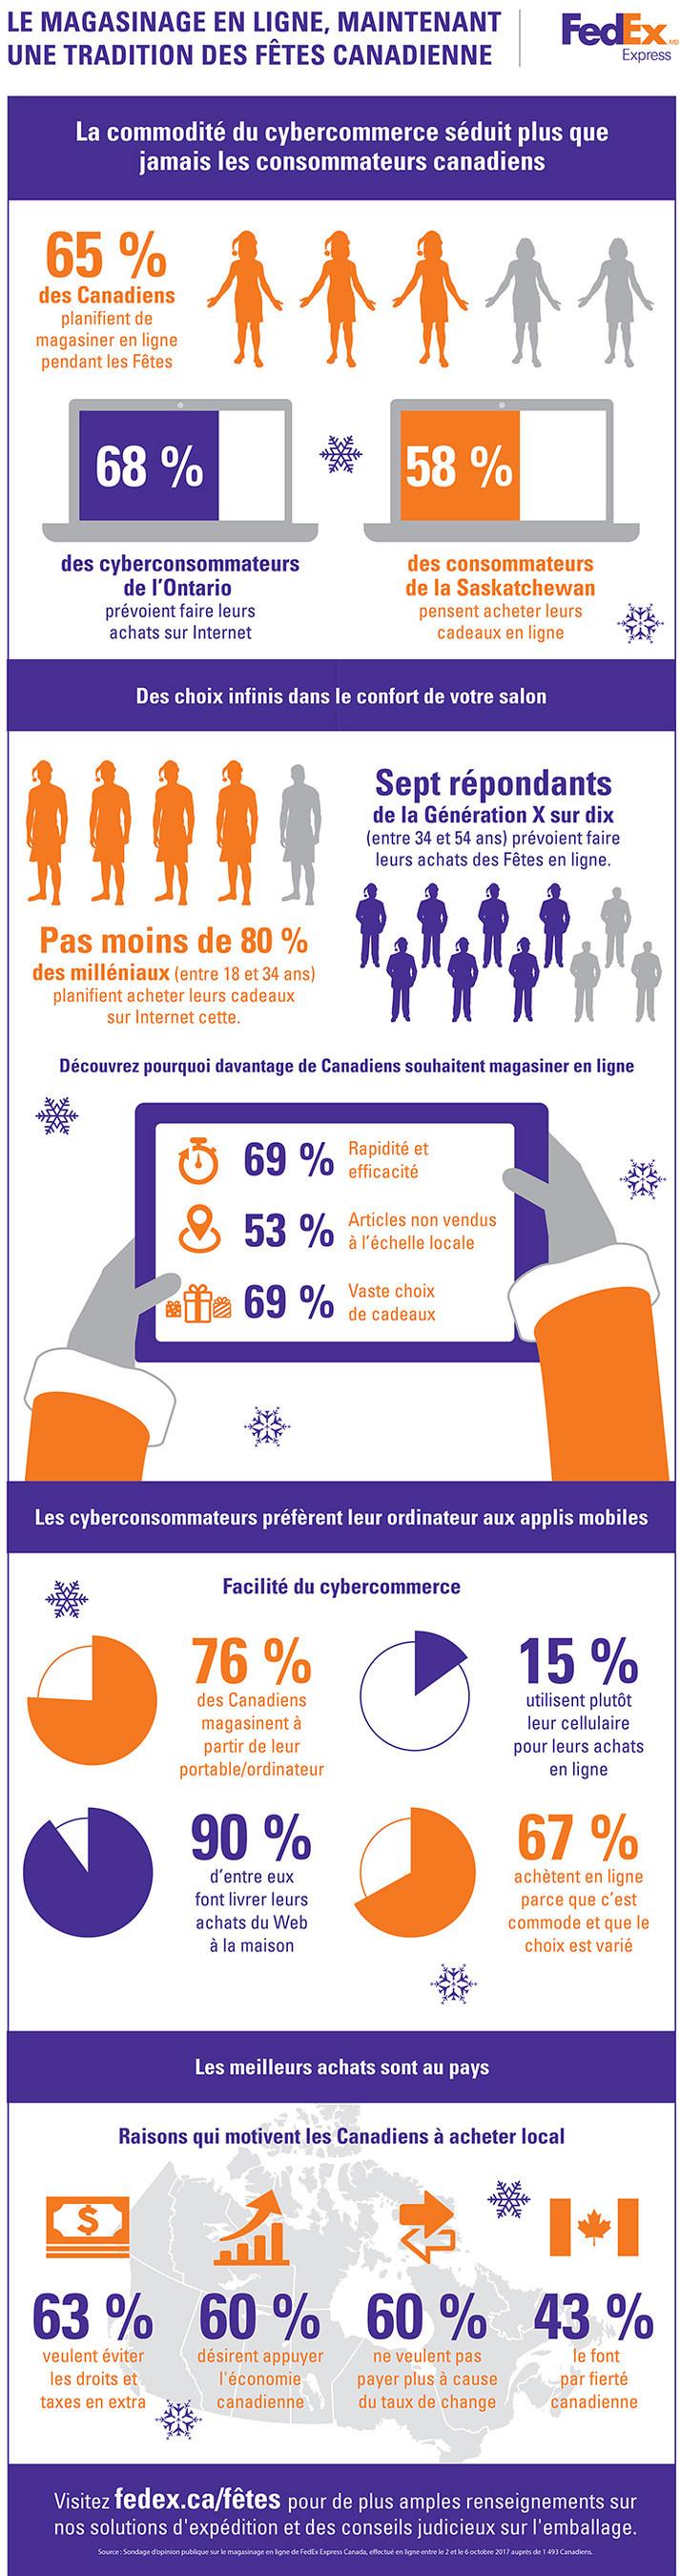 Le magasinage en ligne, maintenant une tradition des fêtes canadienne (Groupe CNW/Federal Express Canada Ltée)